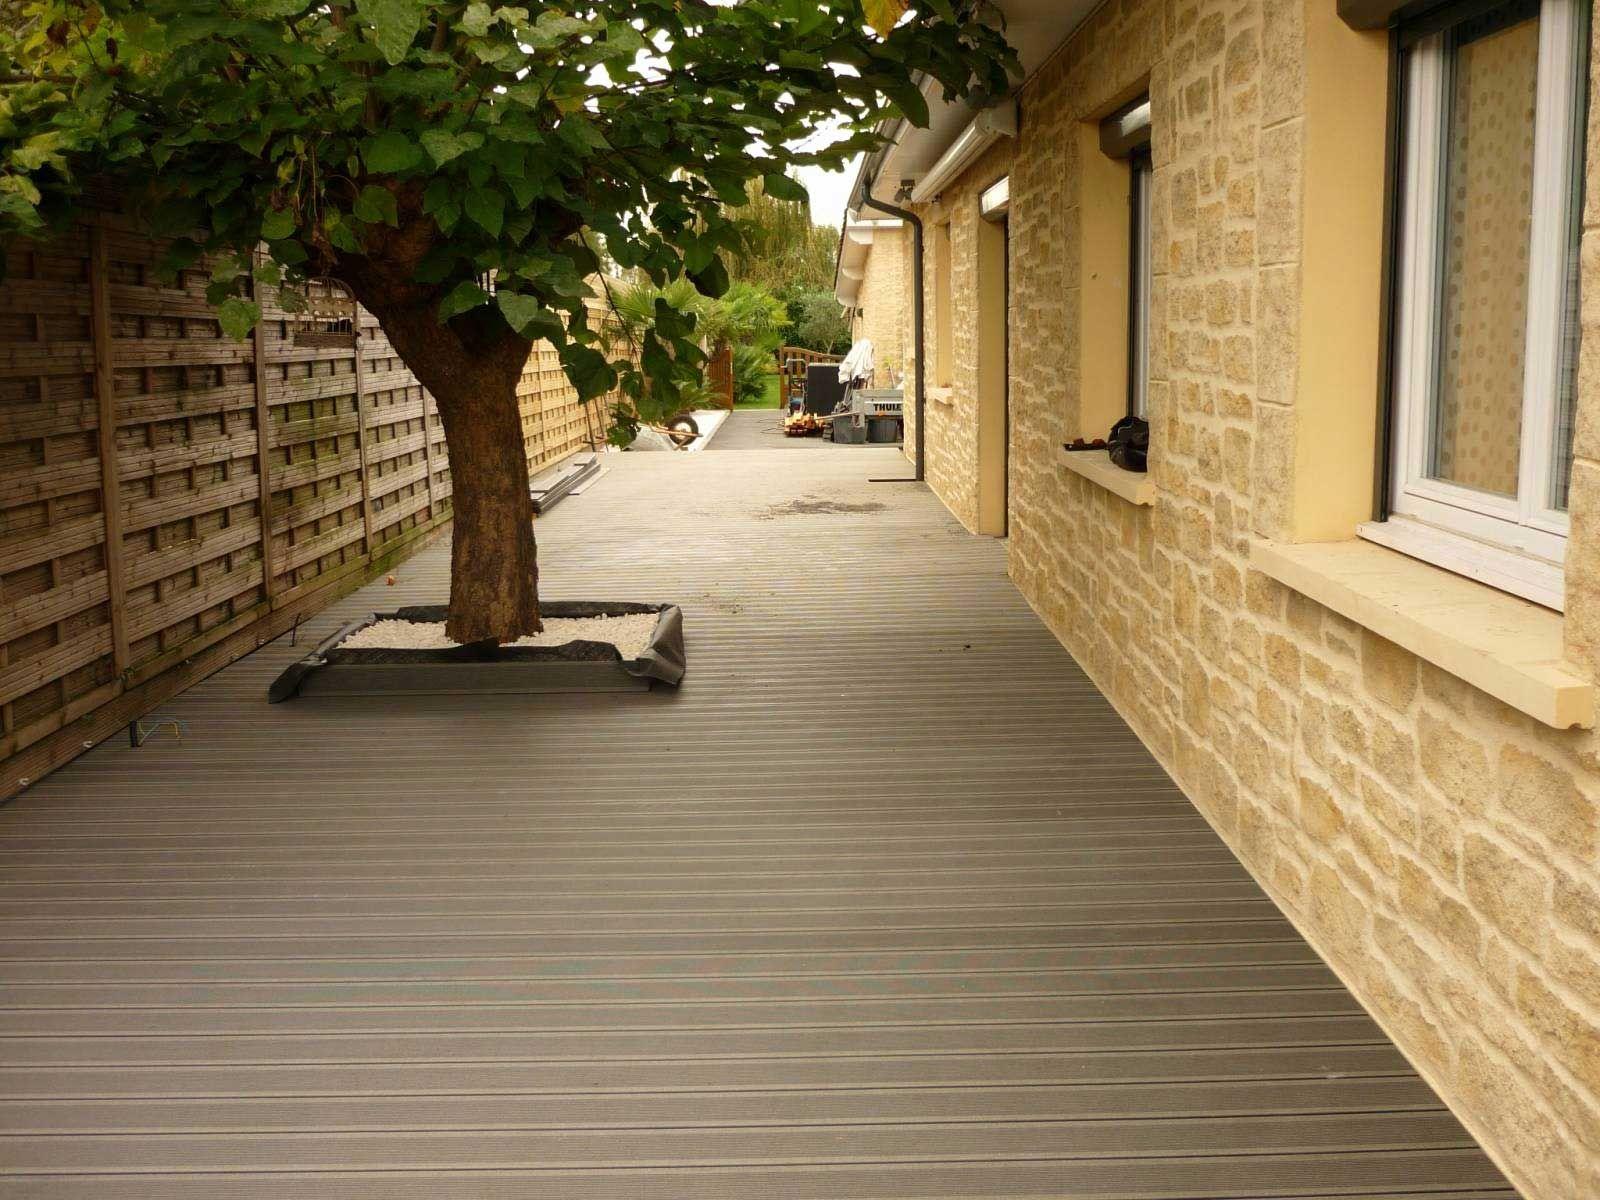 Dalle Terrasse Composite Clipsable Meilleur De Planche De Terrasse En Posite Finest Planche D Dalle Terrasse Composite Dalle Terrasse Terrasse Composite